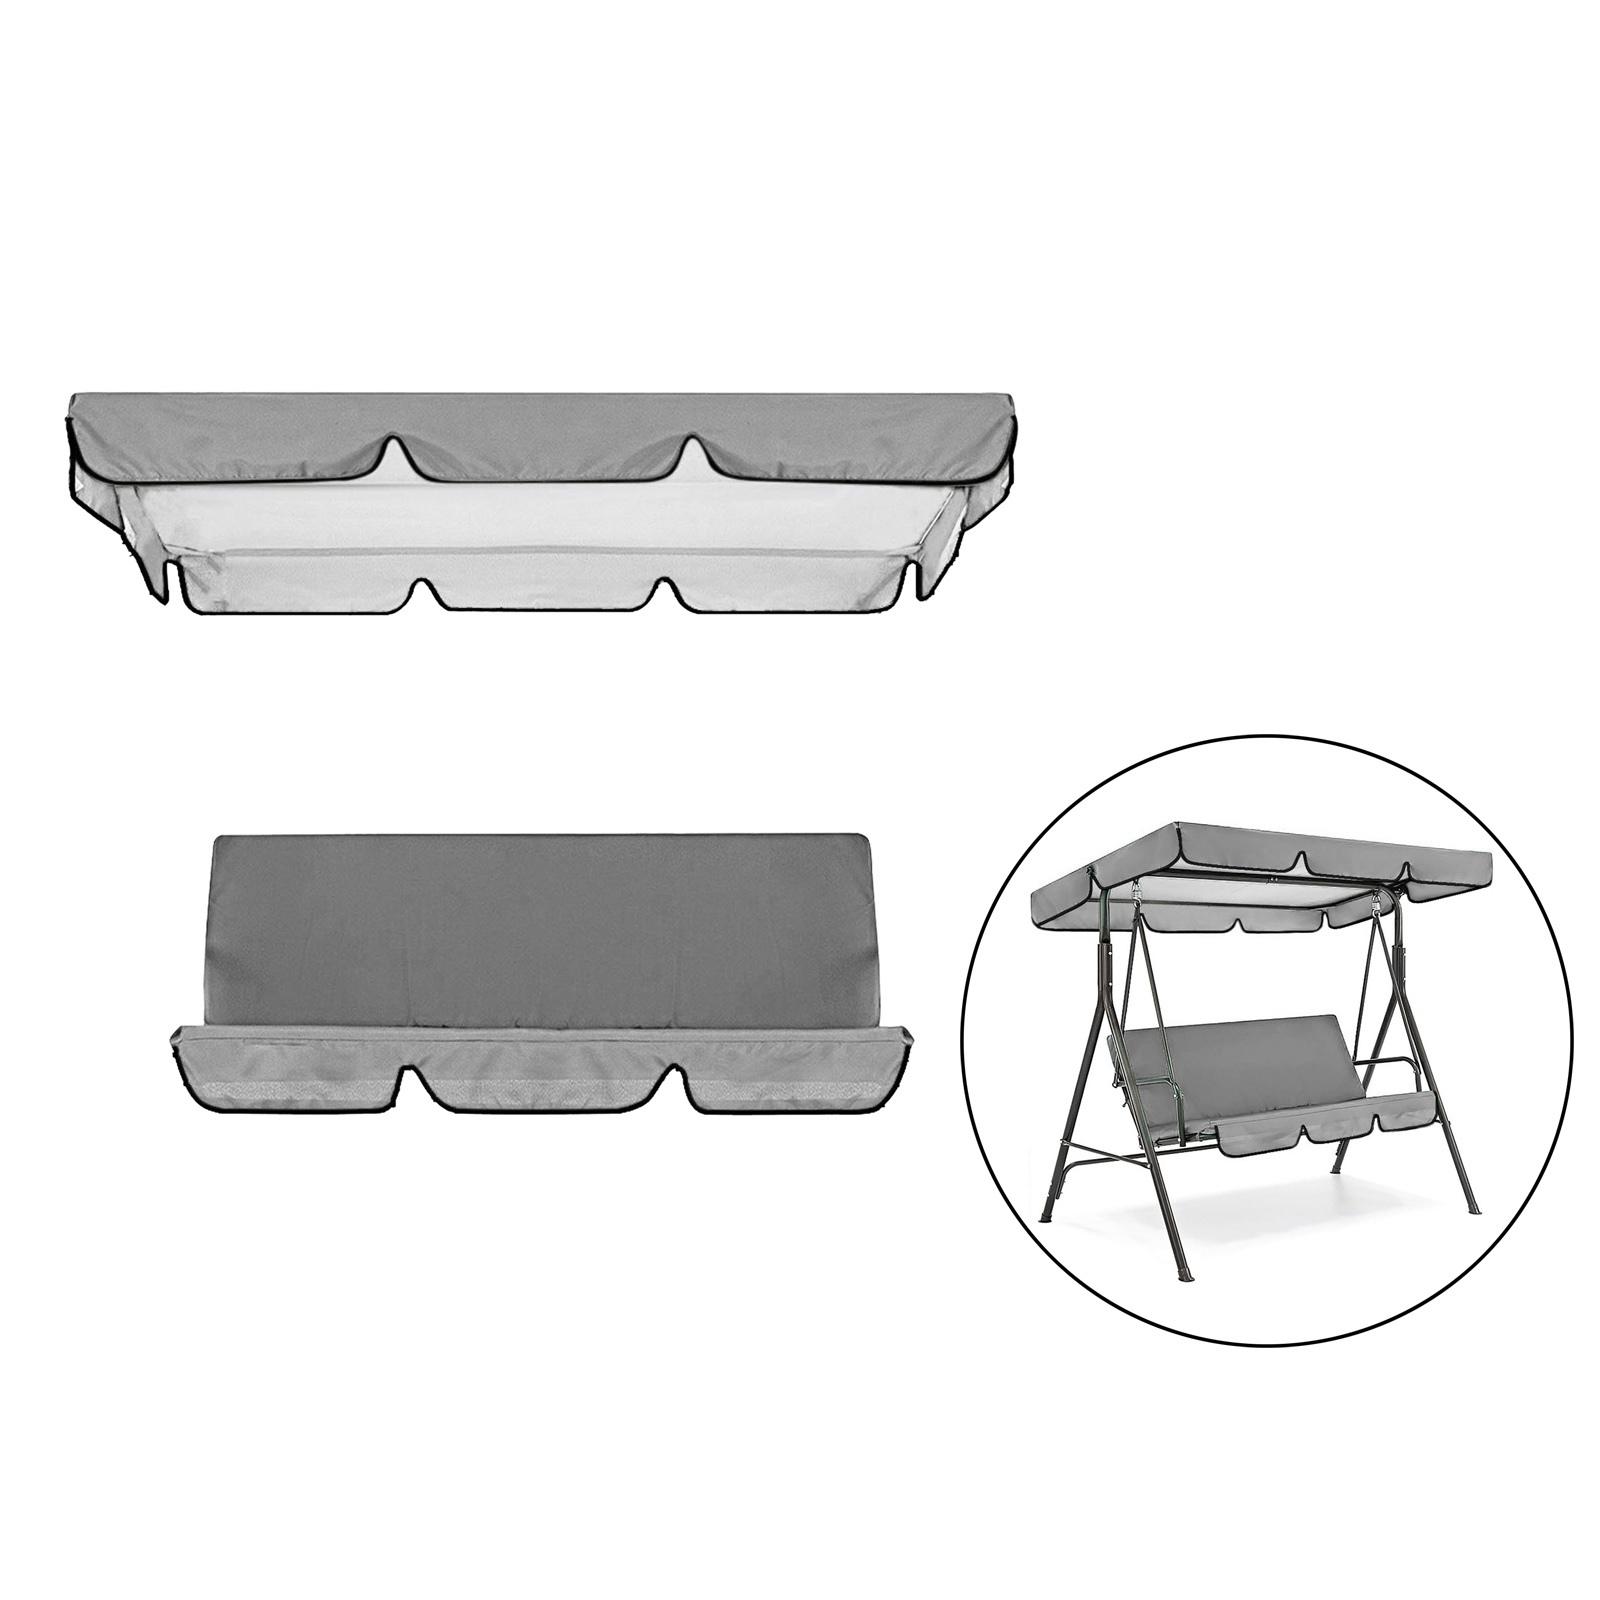 miniatura 31 - Sostituzione della copertura della sedia a dondolo da esterno per patio,